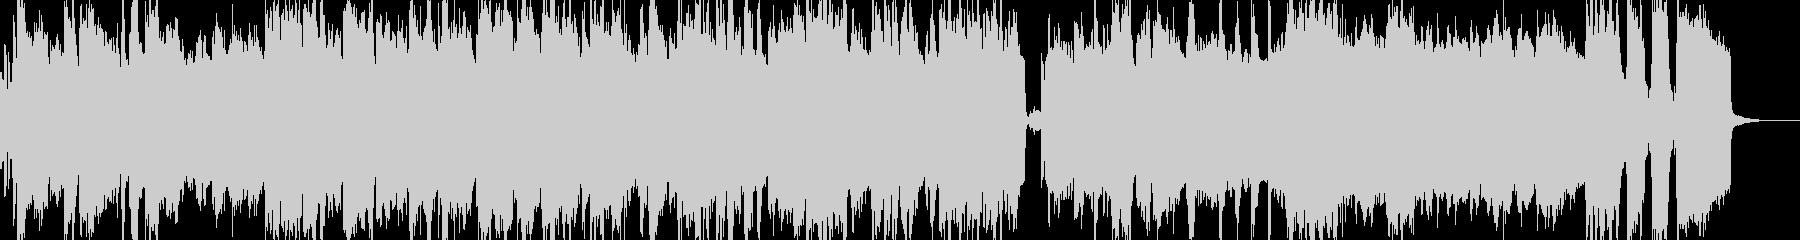 エレピとファンクなドラムのJAZZの未再生の波形